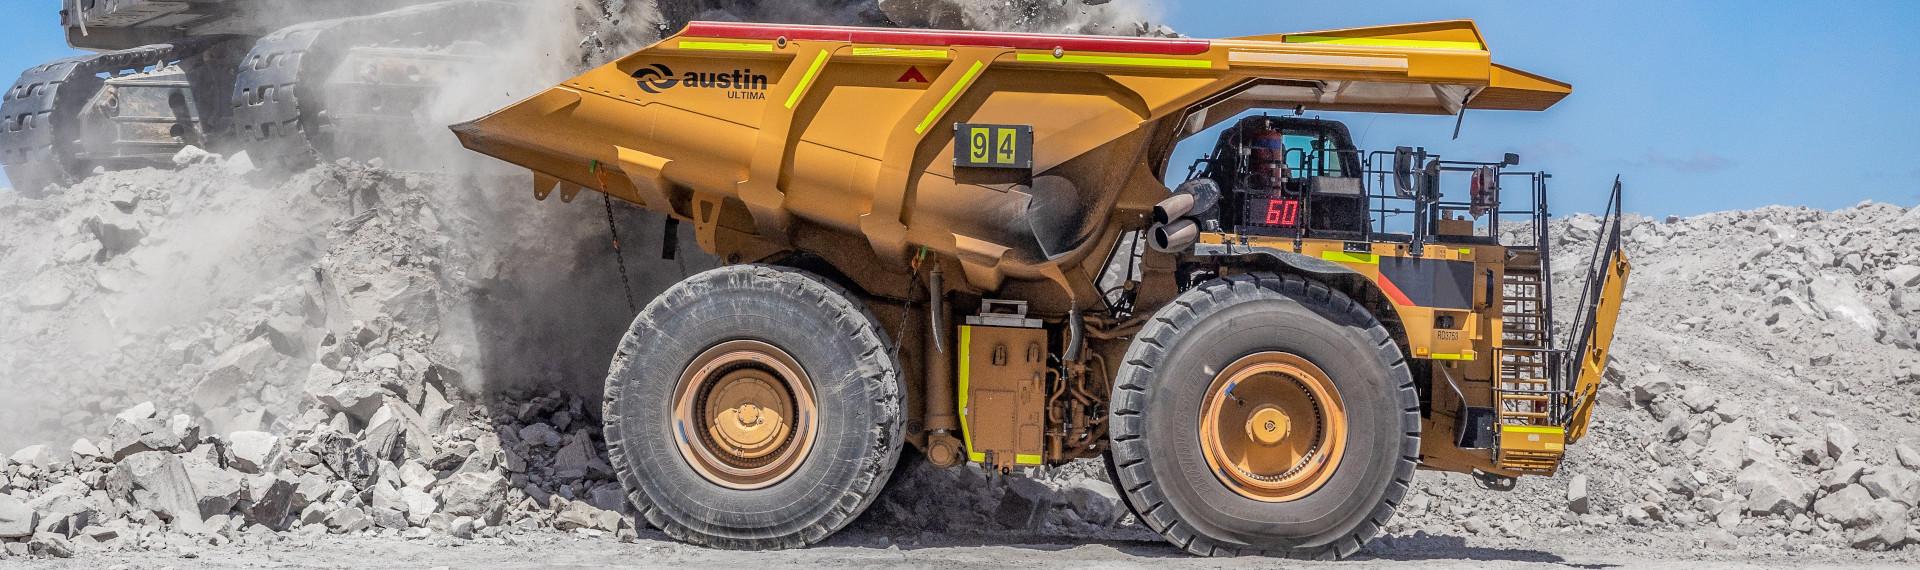 Il camion da miniera superdimensionato di Austin, che pesa il 25% in meno grazie all'acciaio Hardox® 500 Tuf